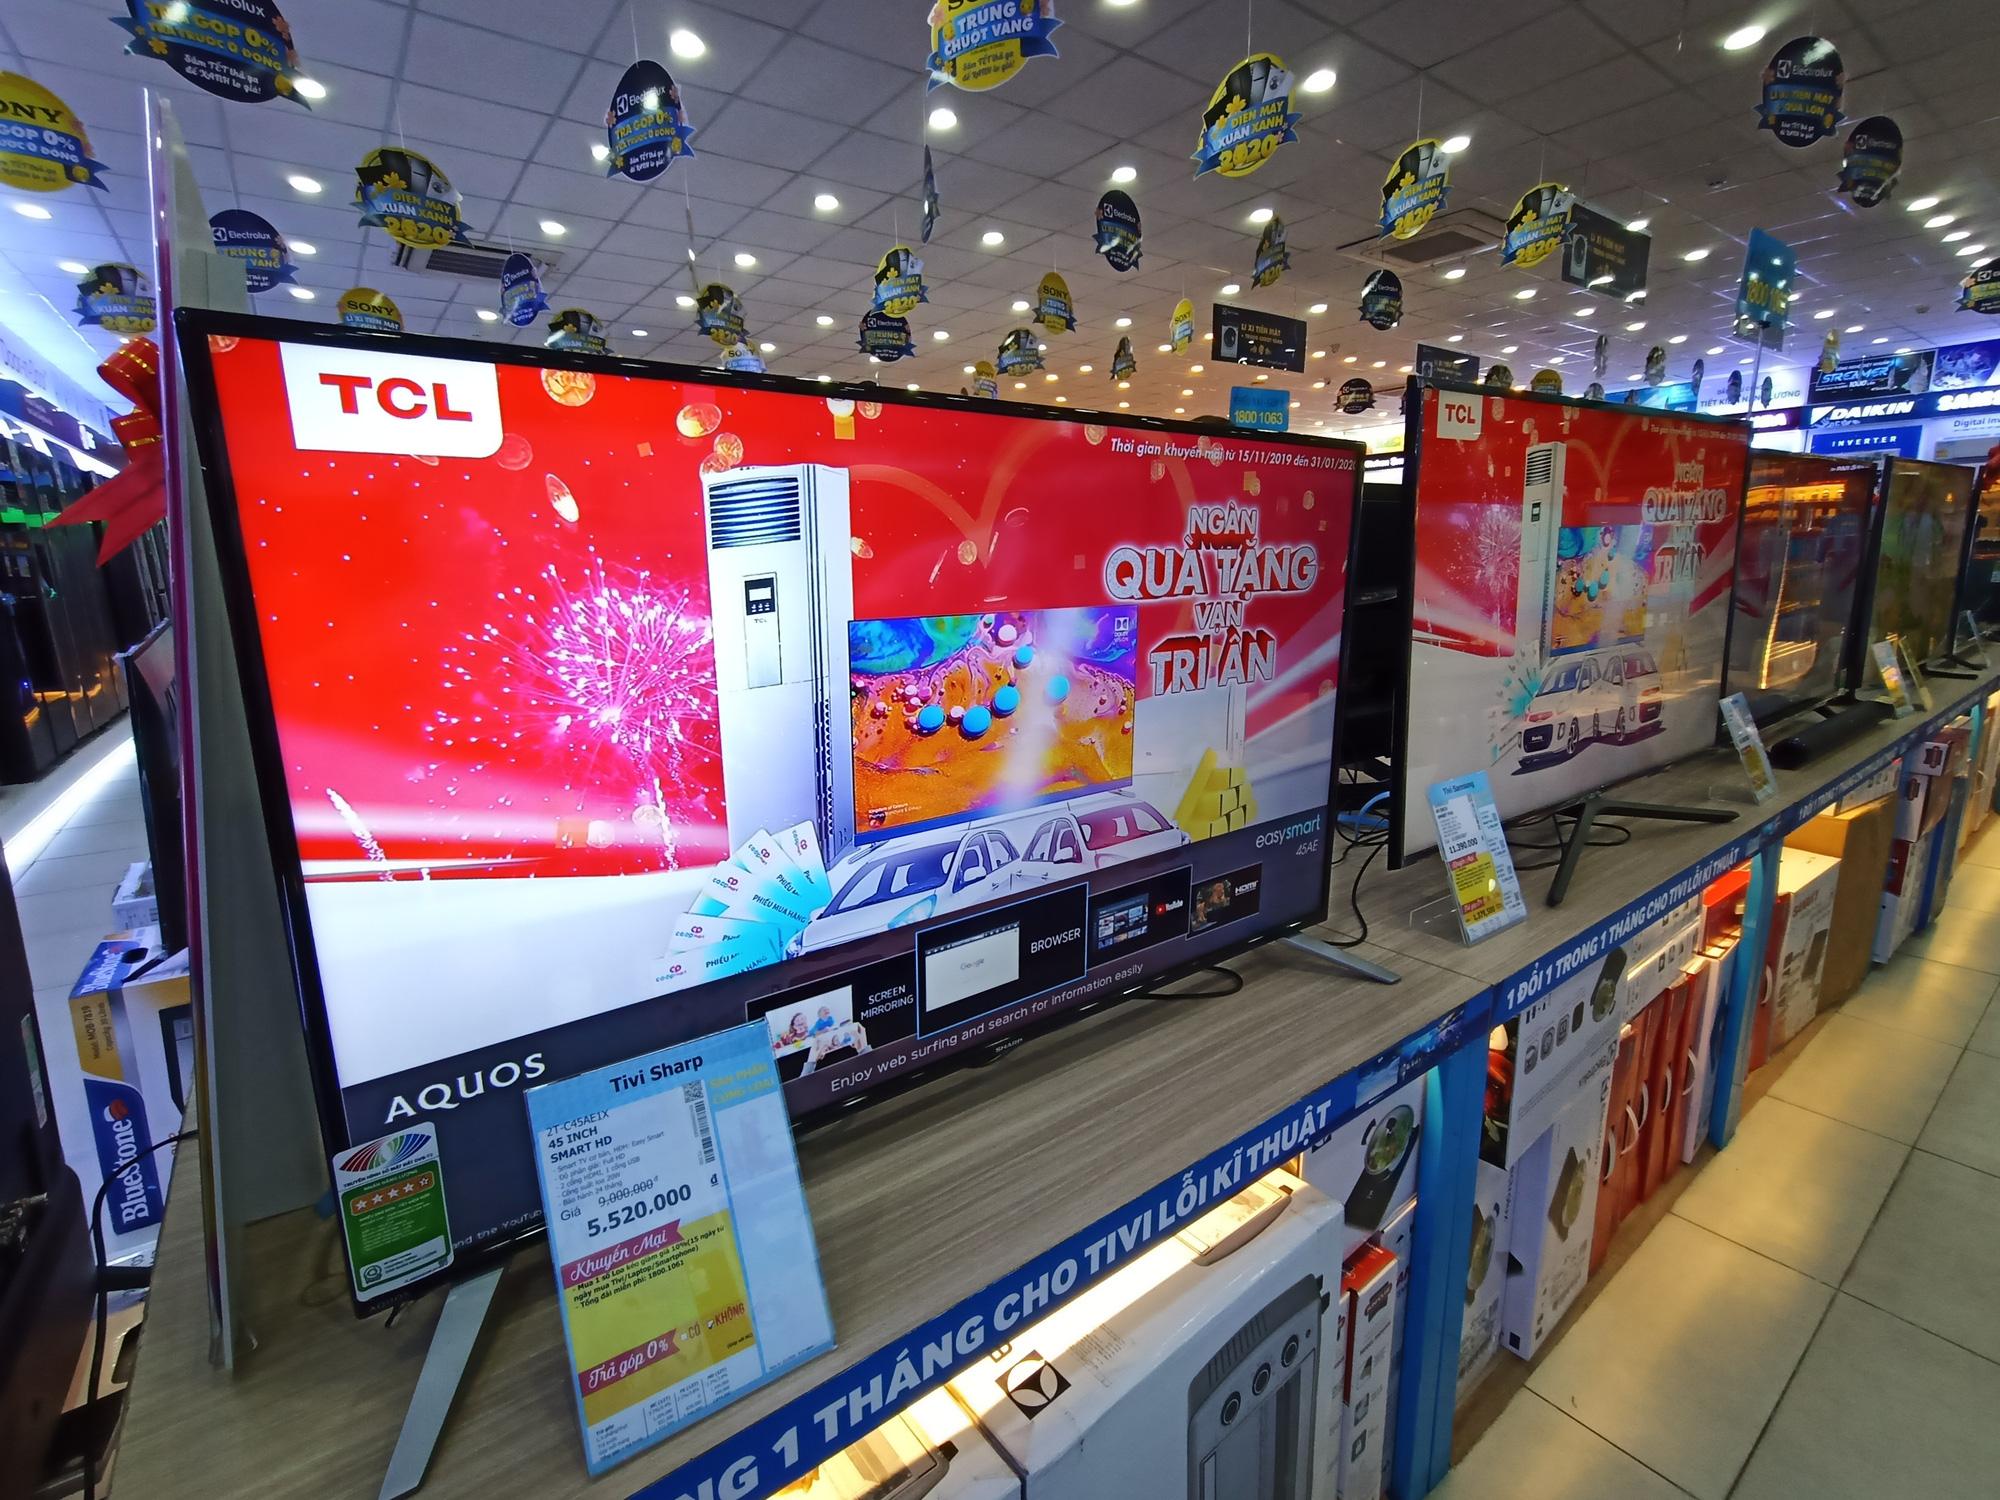 Tivi giảm giá tuần này: Thị trường vẫn nóng nhằm kích cầu mua sắm cho dịp Tết - Ảnh 1.